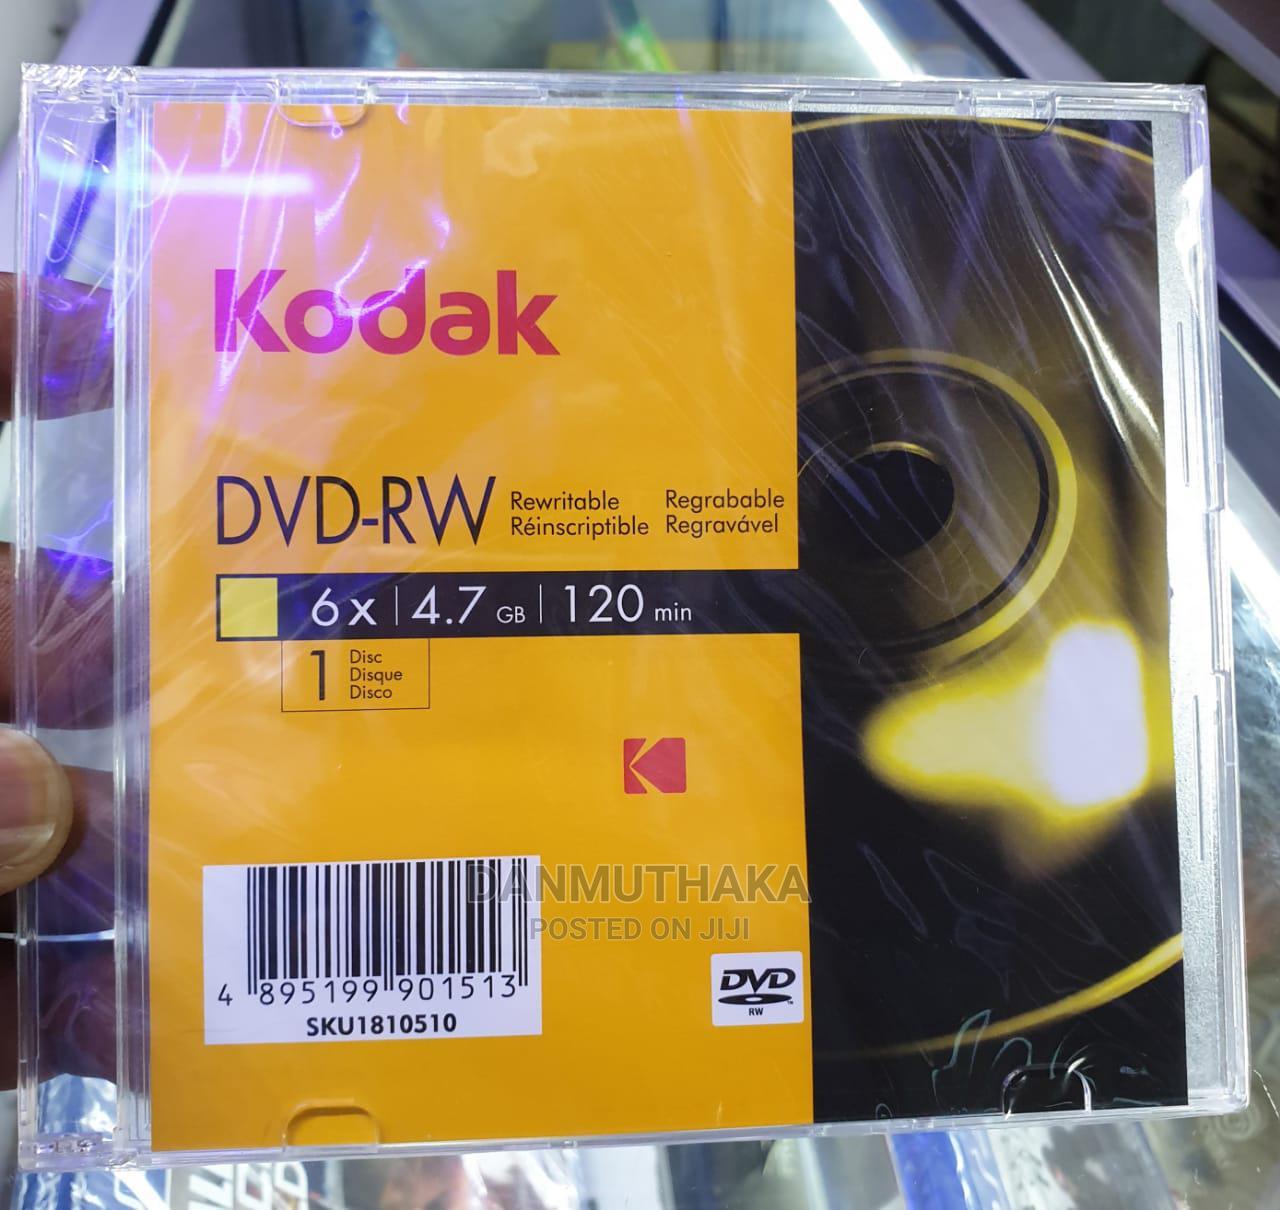 Kodak DVD-RW